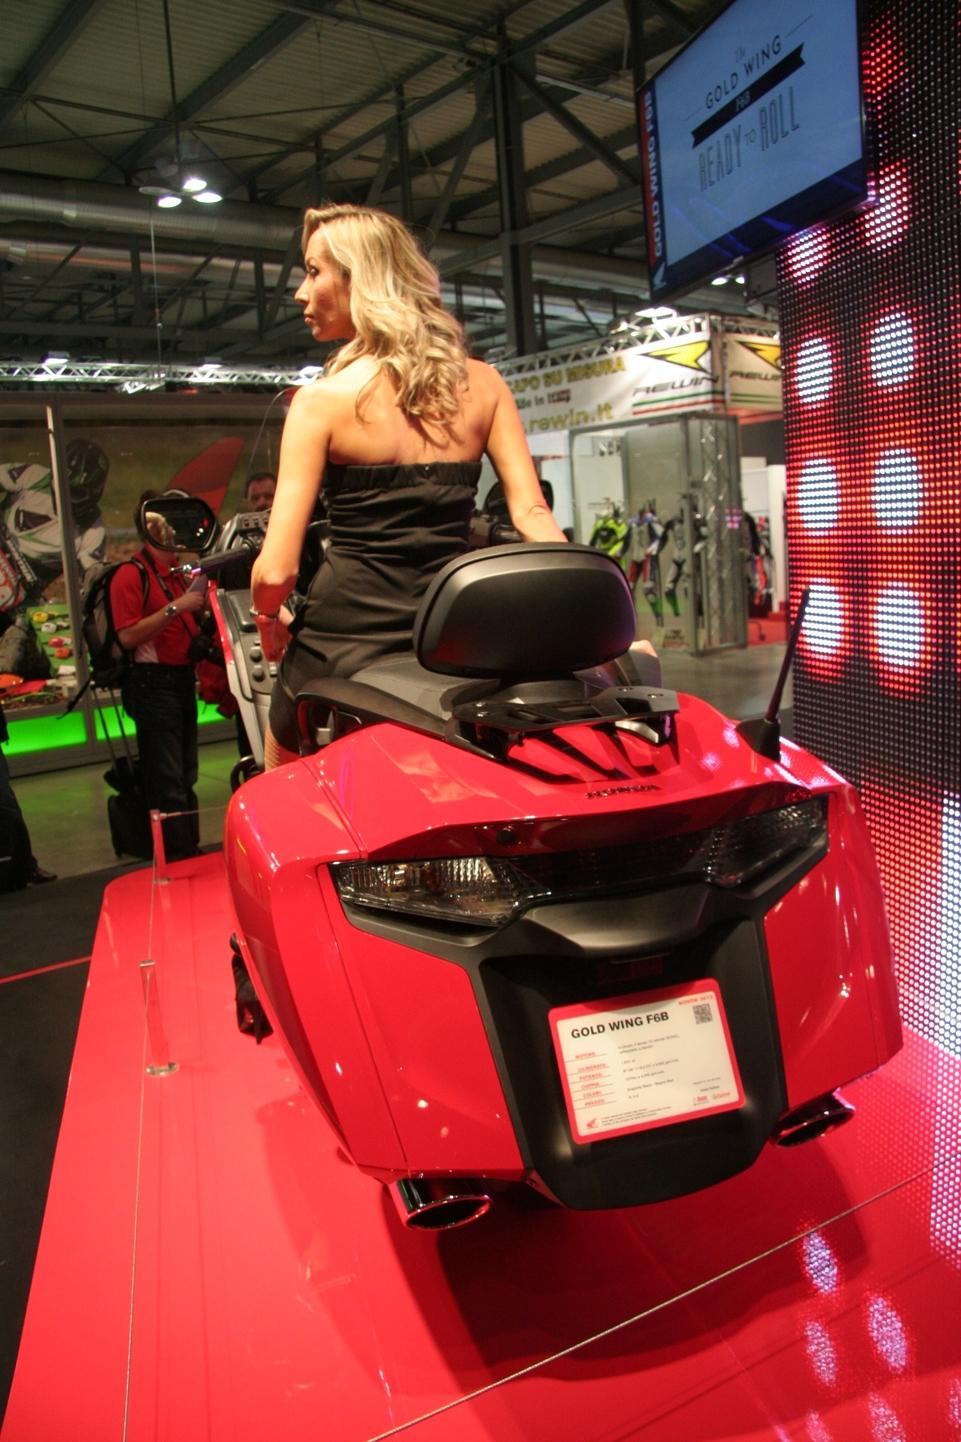 En direct du Salon de Milan - Honda: Bienvenue à la F6B avec la video !